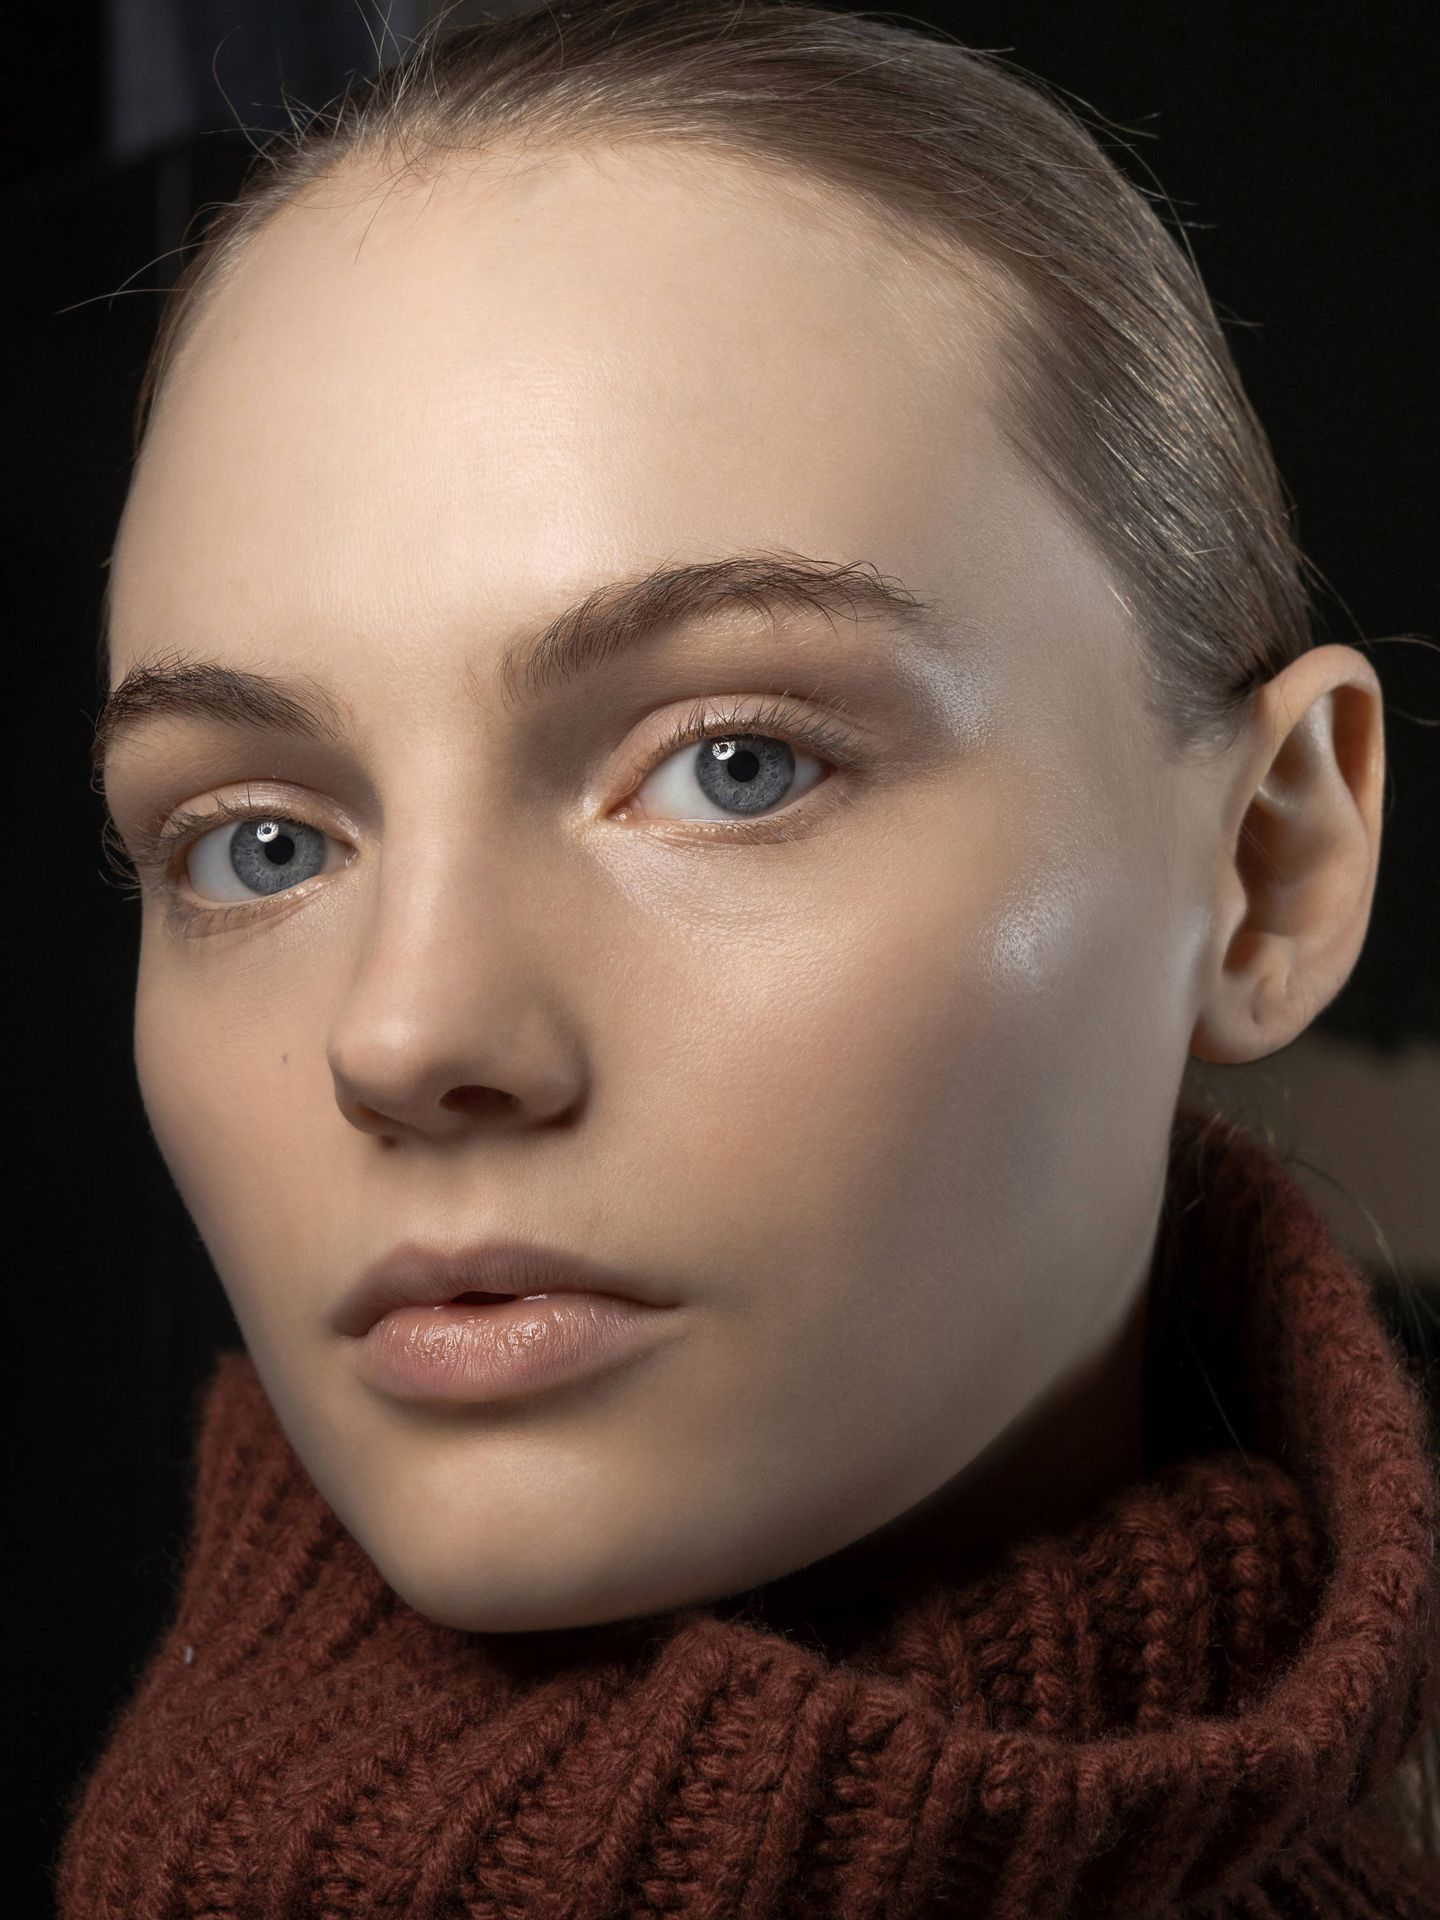 El multicleansing se posiciona como una alternativa a la doble limpieza de la piel. (Imaxtree)